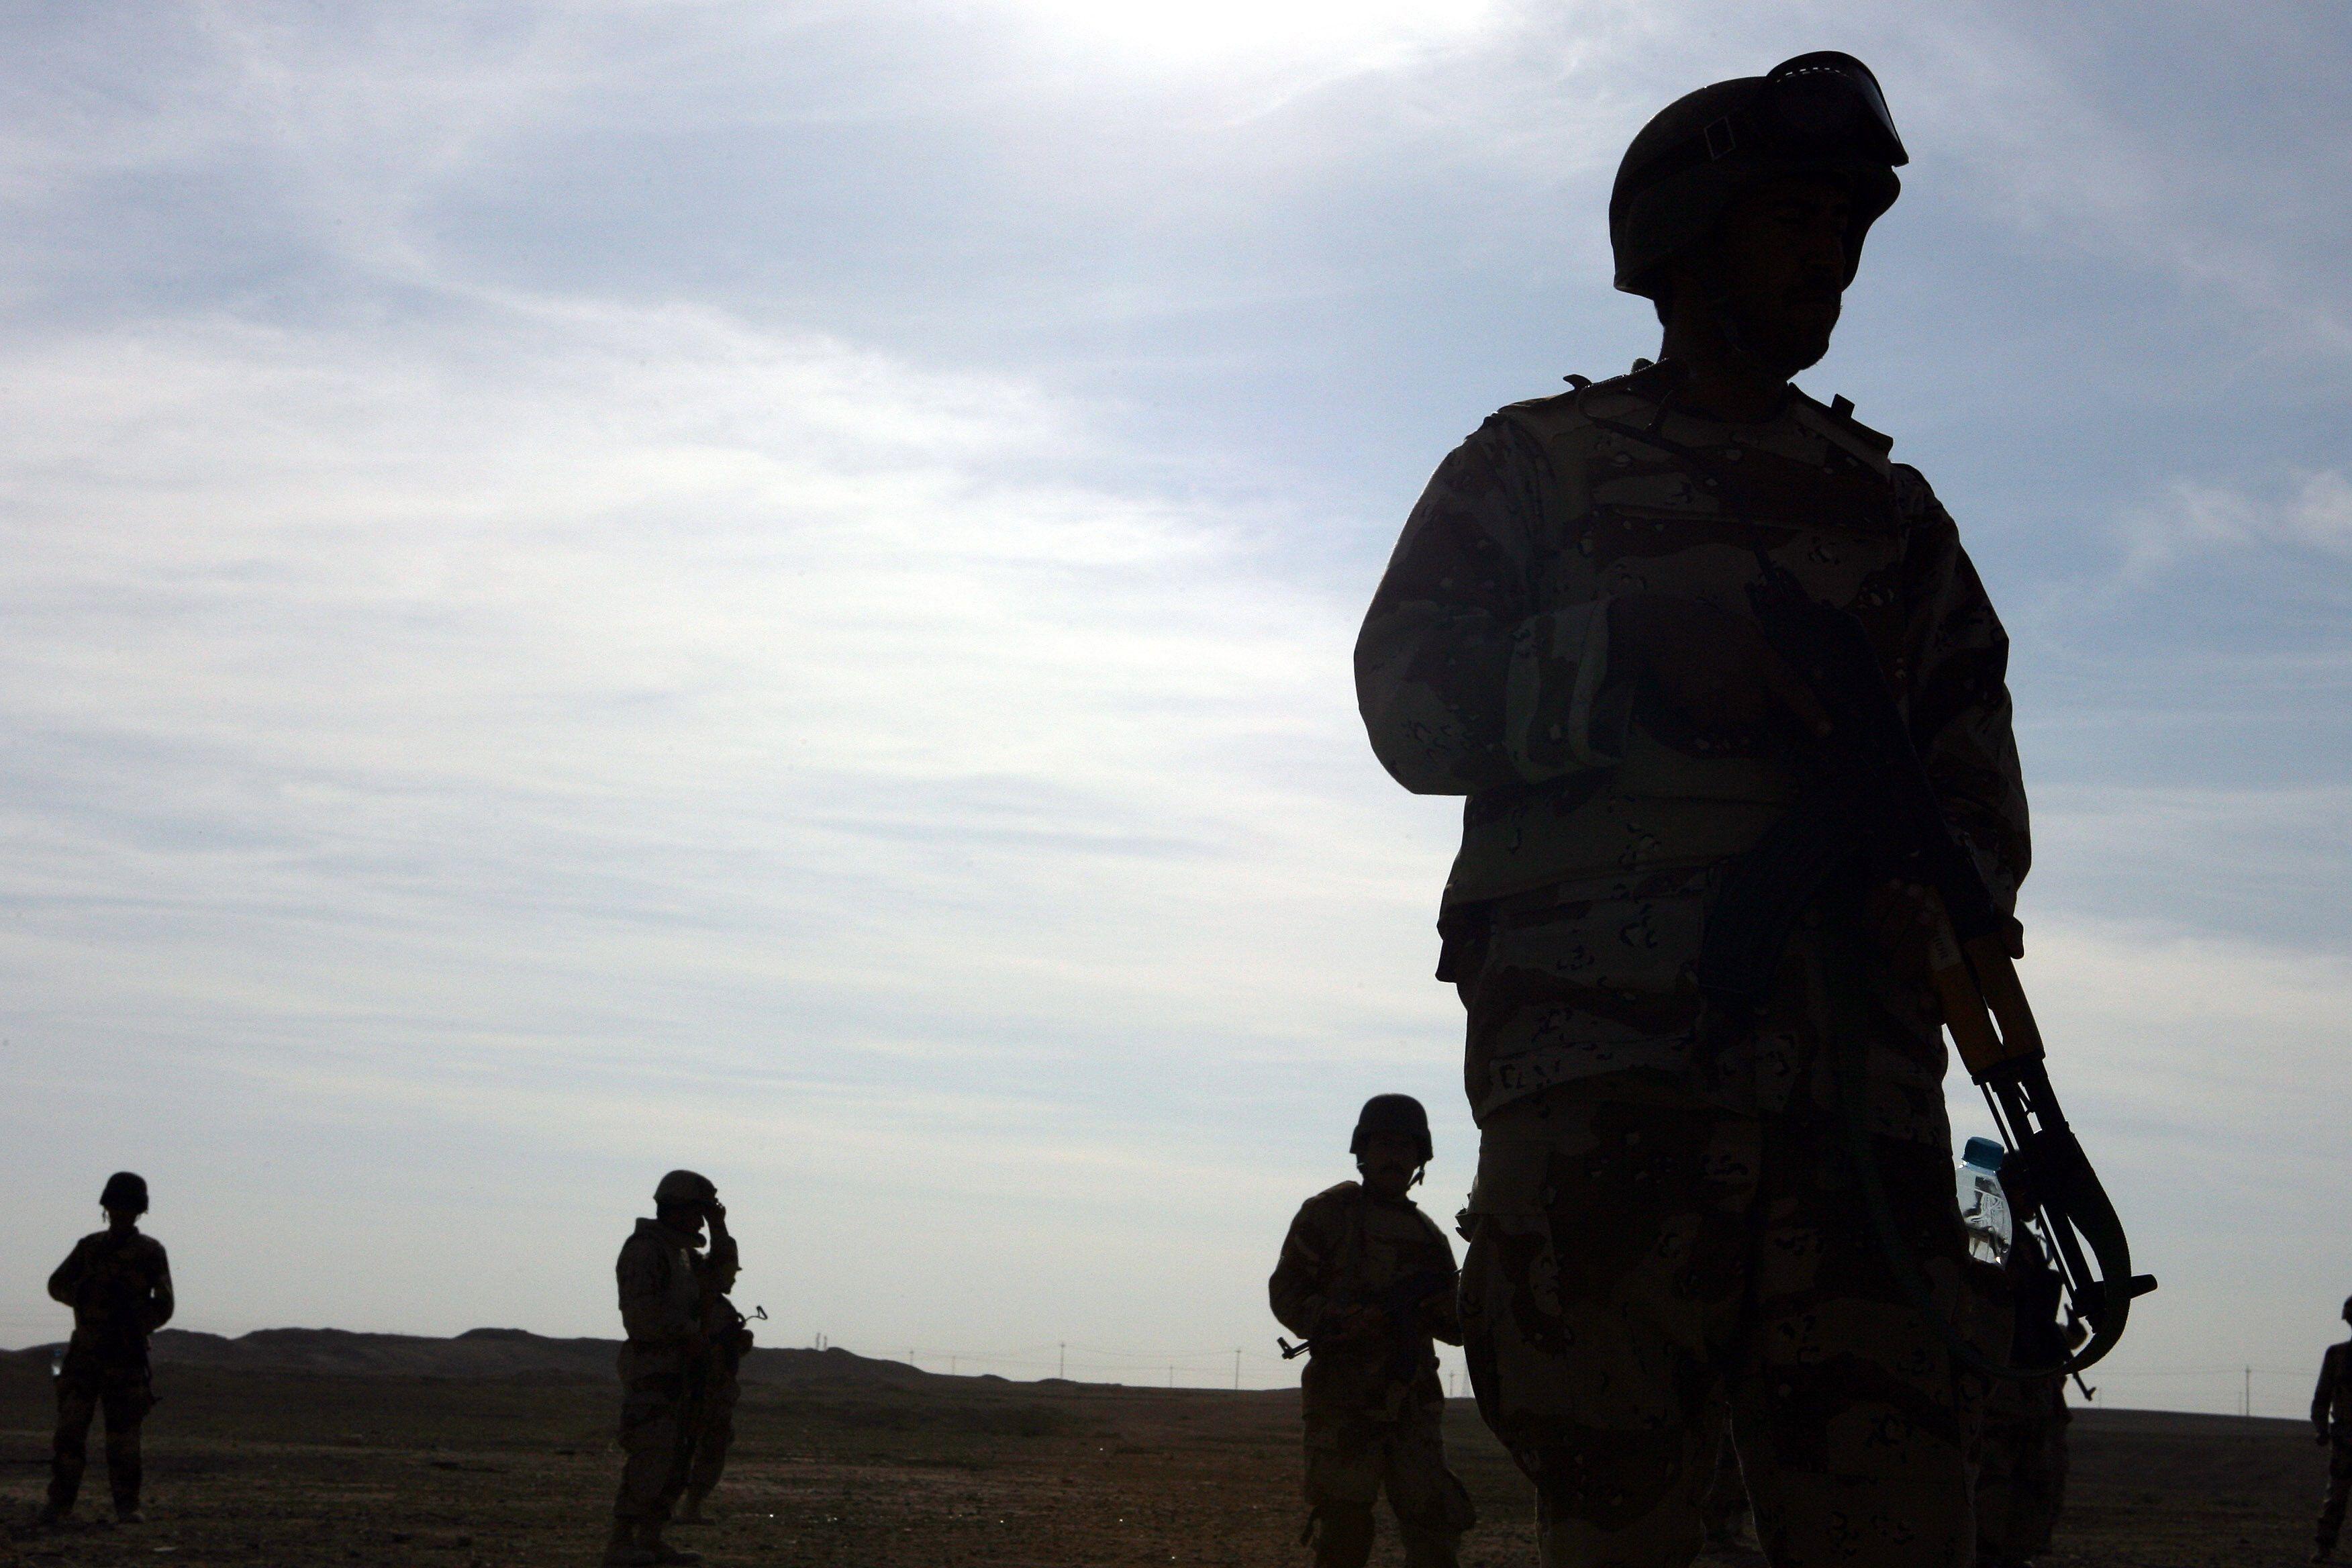 Une enquête interne vient d'être ouverte au sein de l'armée française sur les violences sexuelles et le harcèlement